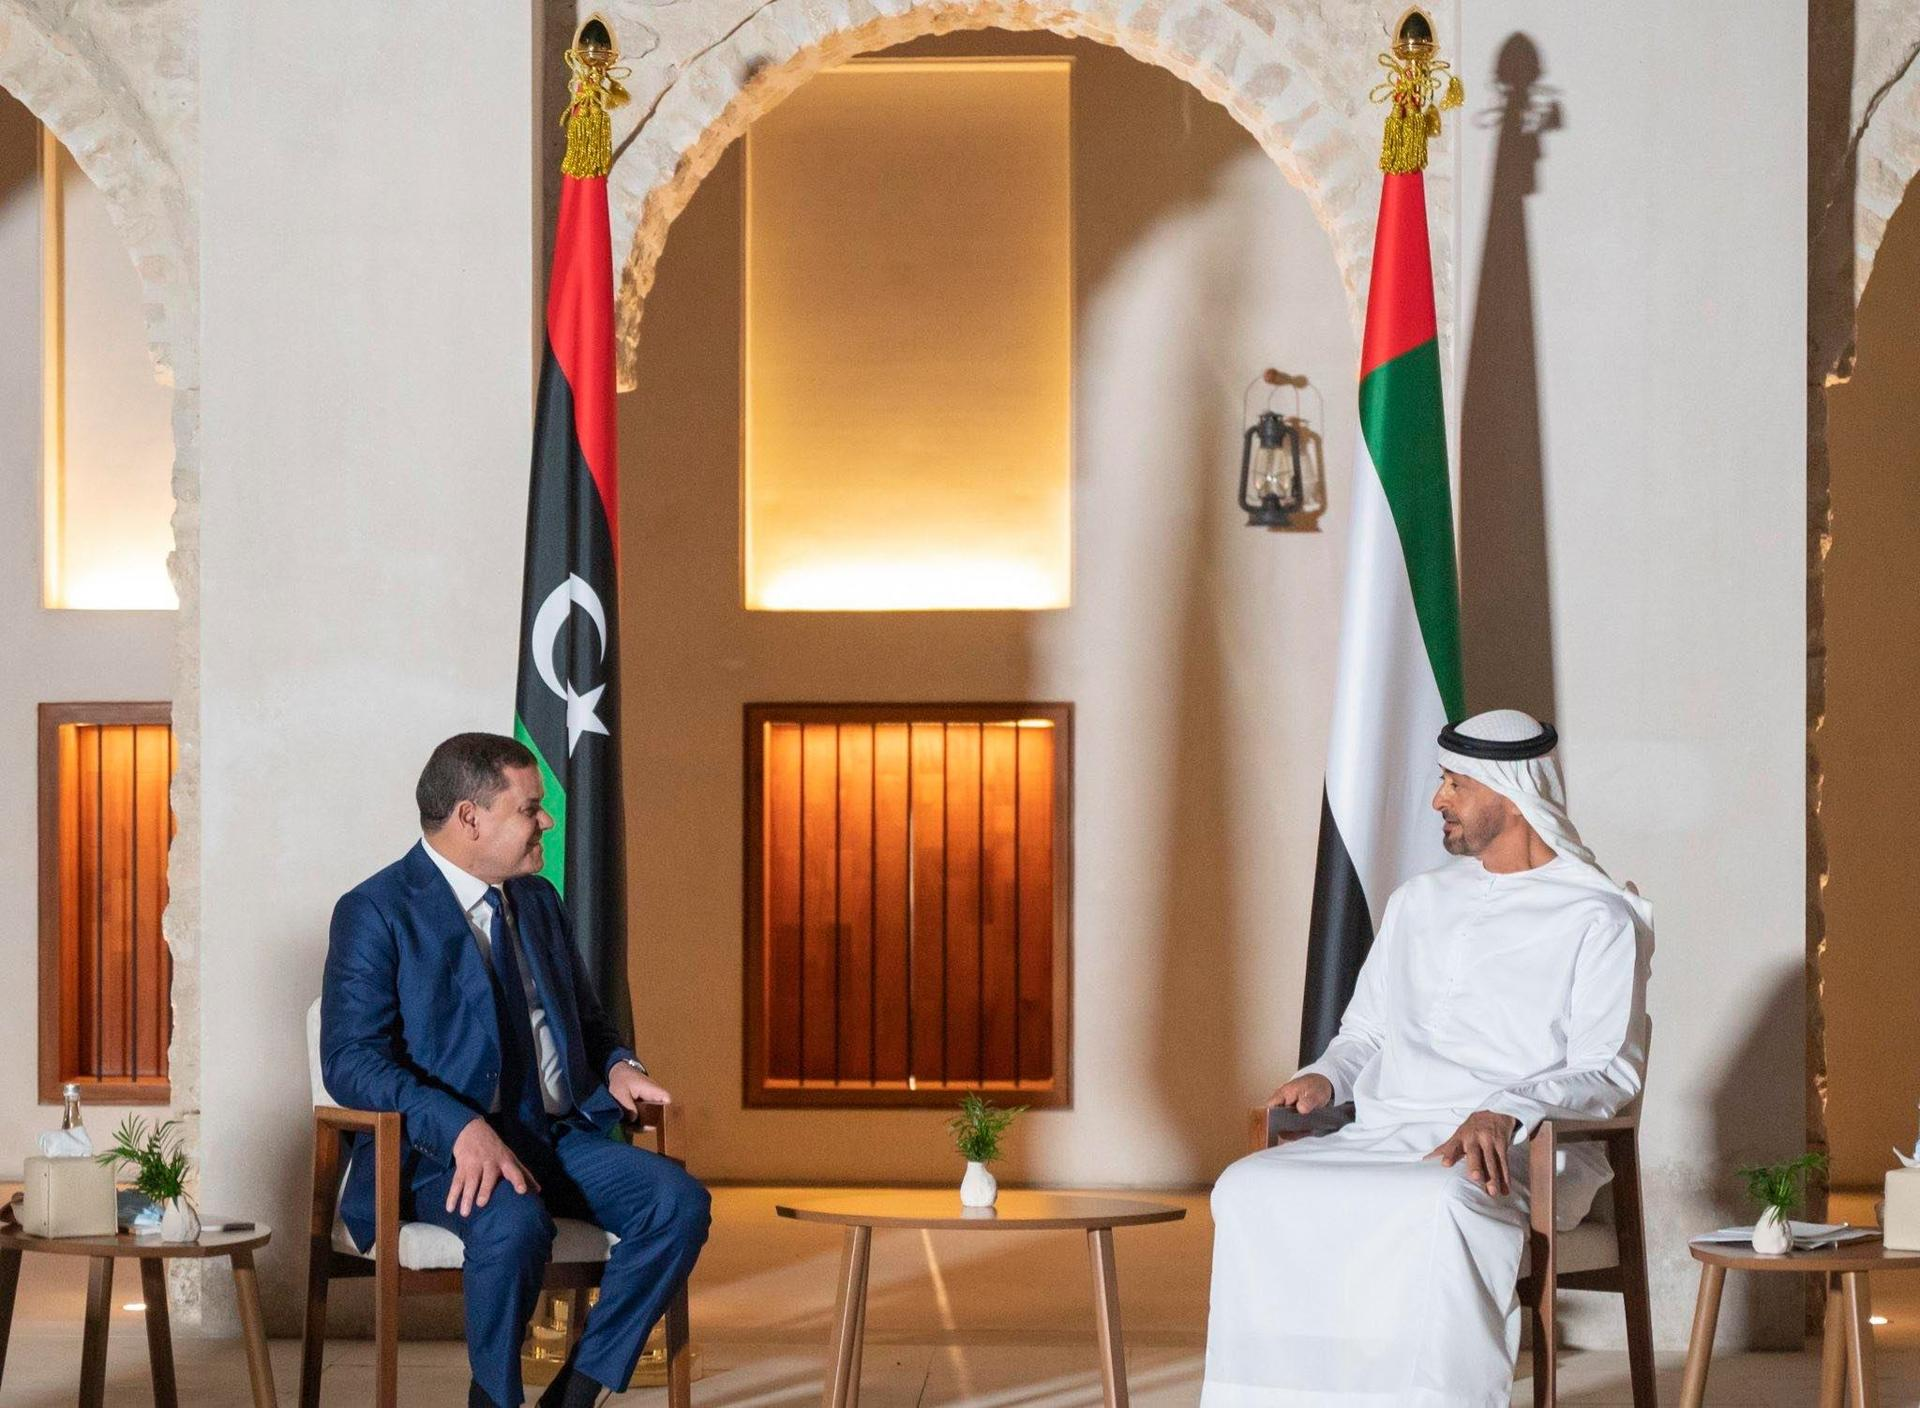 الشيخ محمد بن زايد: نقف إلى جانب الأشقاء الليبيين في هذه المرحلة المفصلية